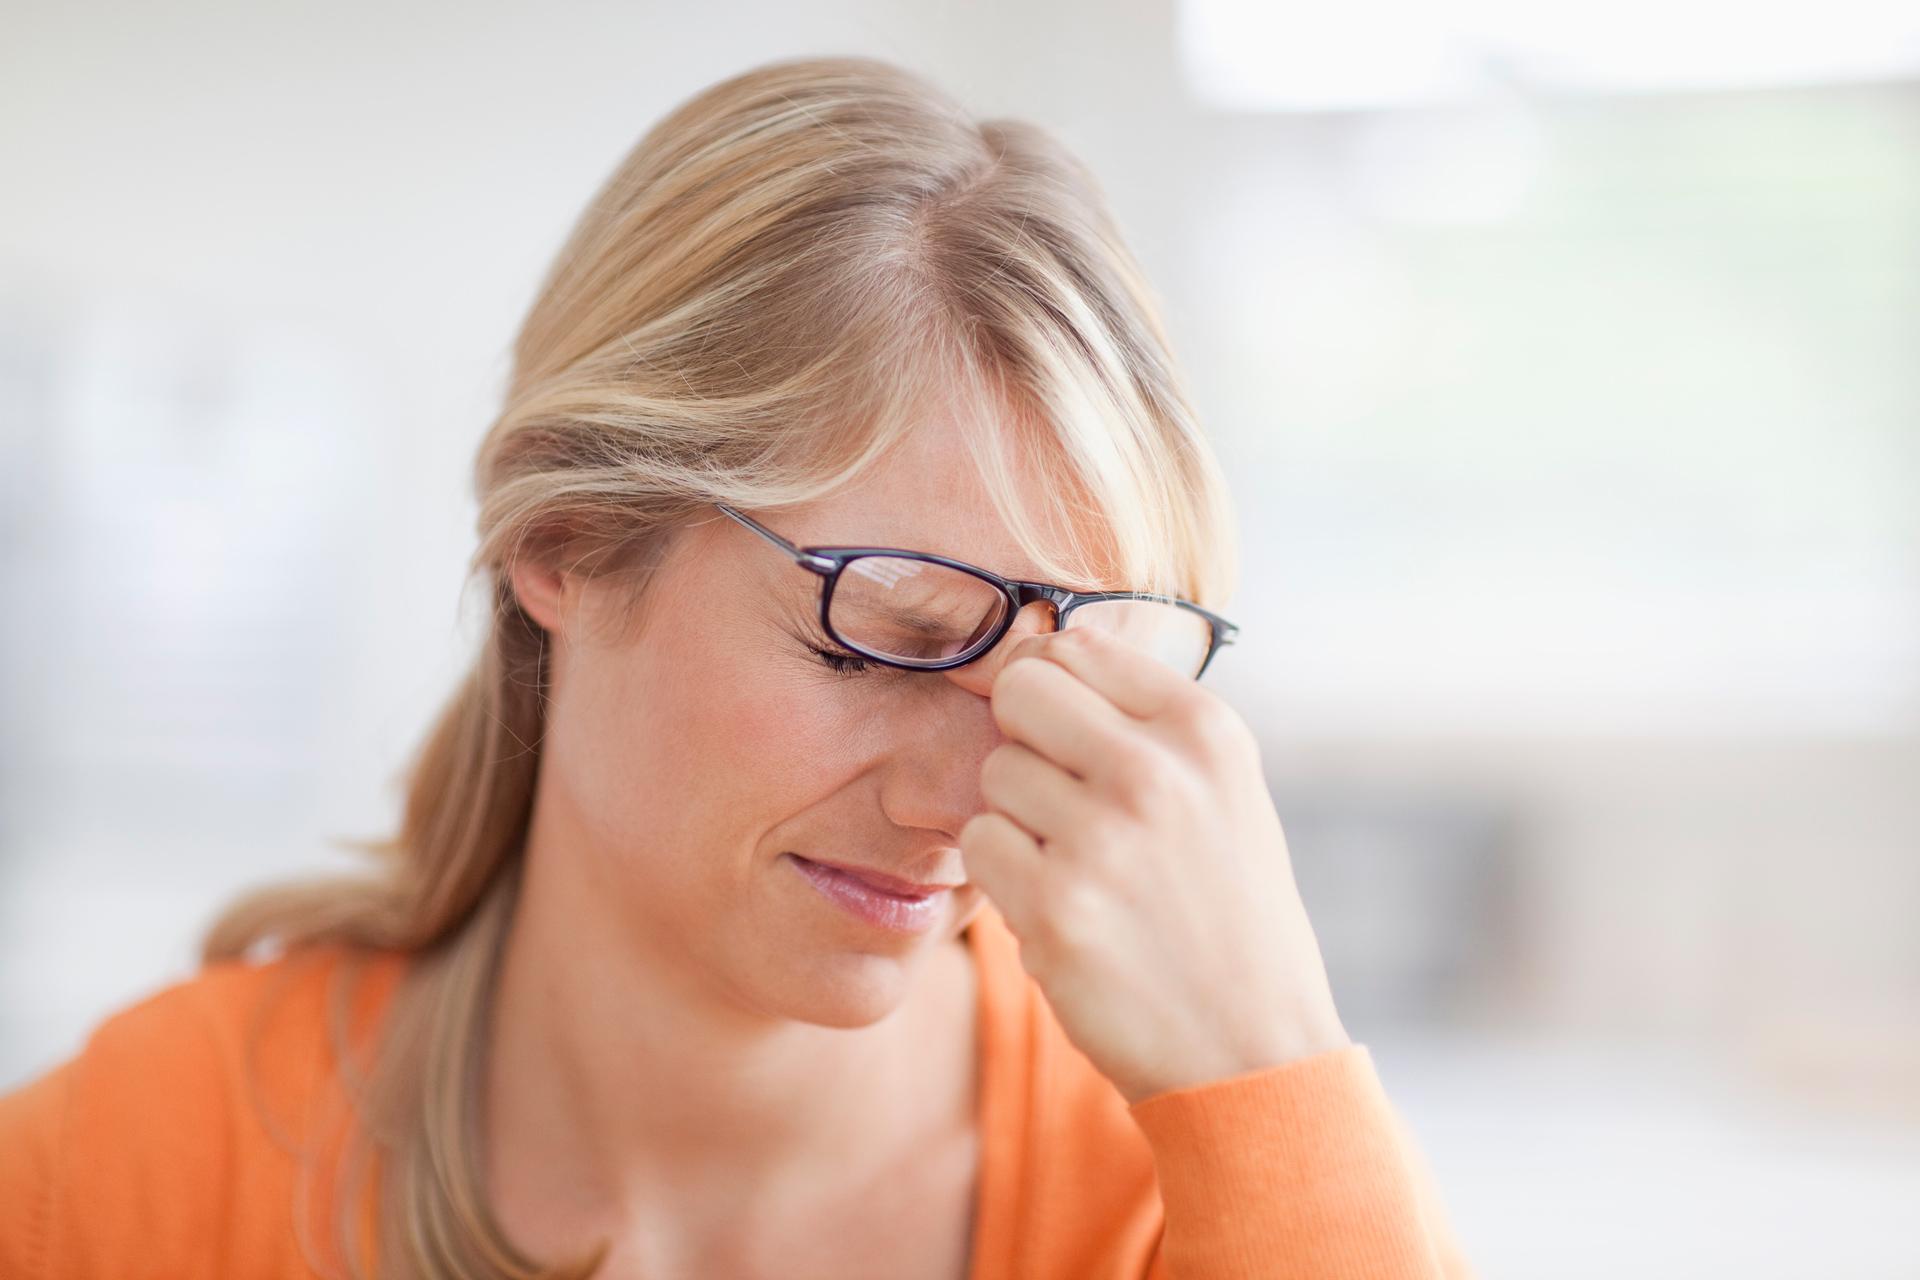 incremento de miopia en poco tiempo